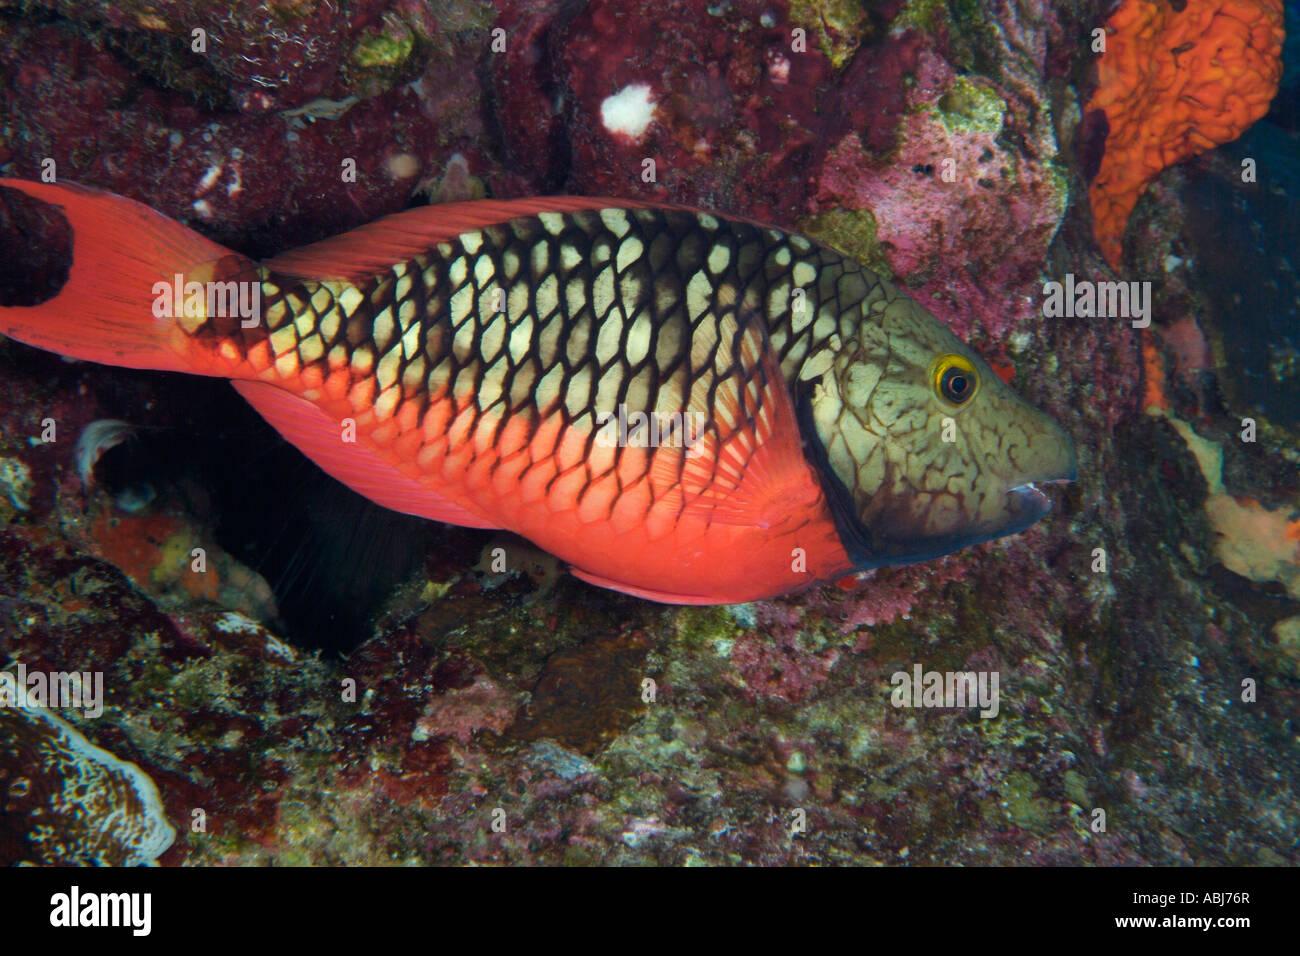 Stoplight Parrotfish Stock Photos & Stoplight Parrotfish Stock ...